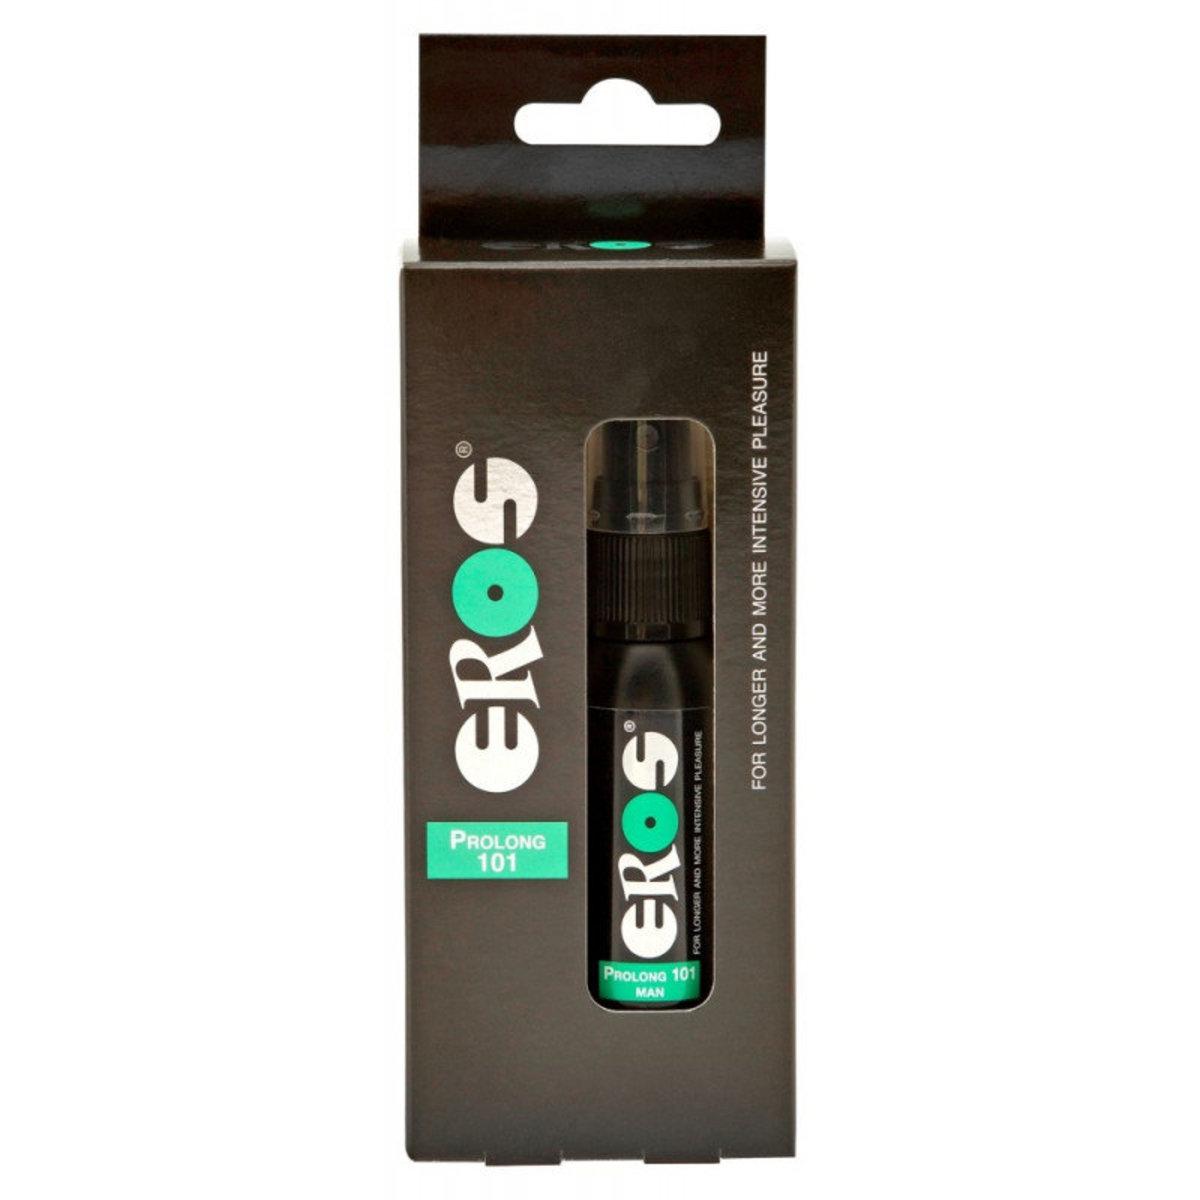 Eros - ProLong 101 Spray- 30ml